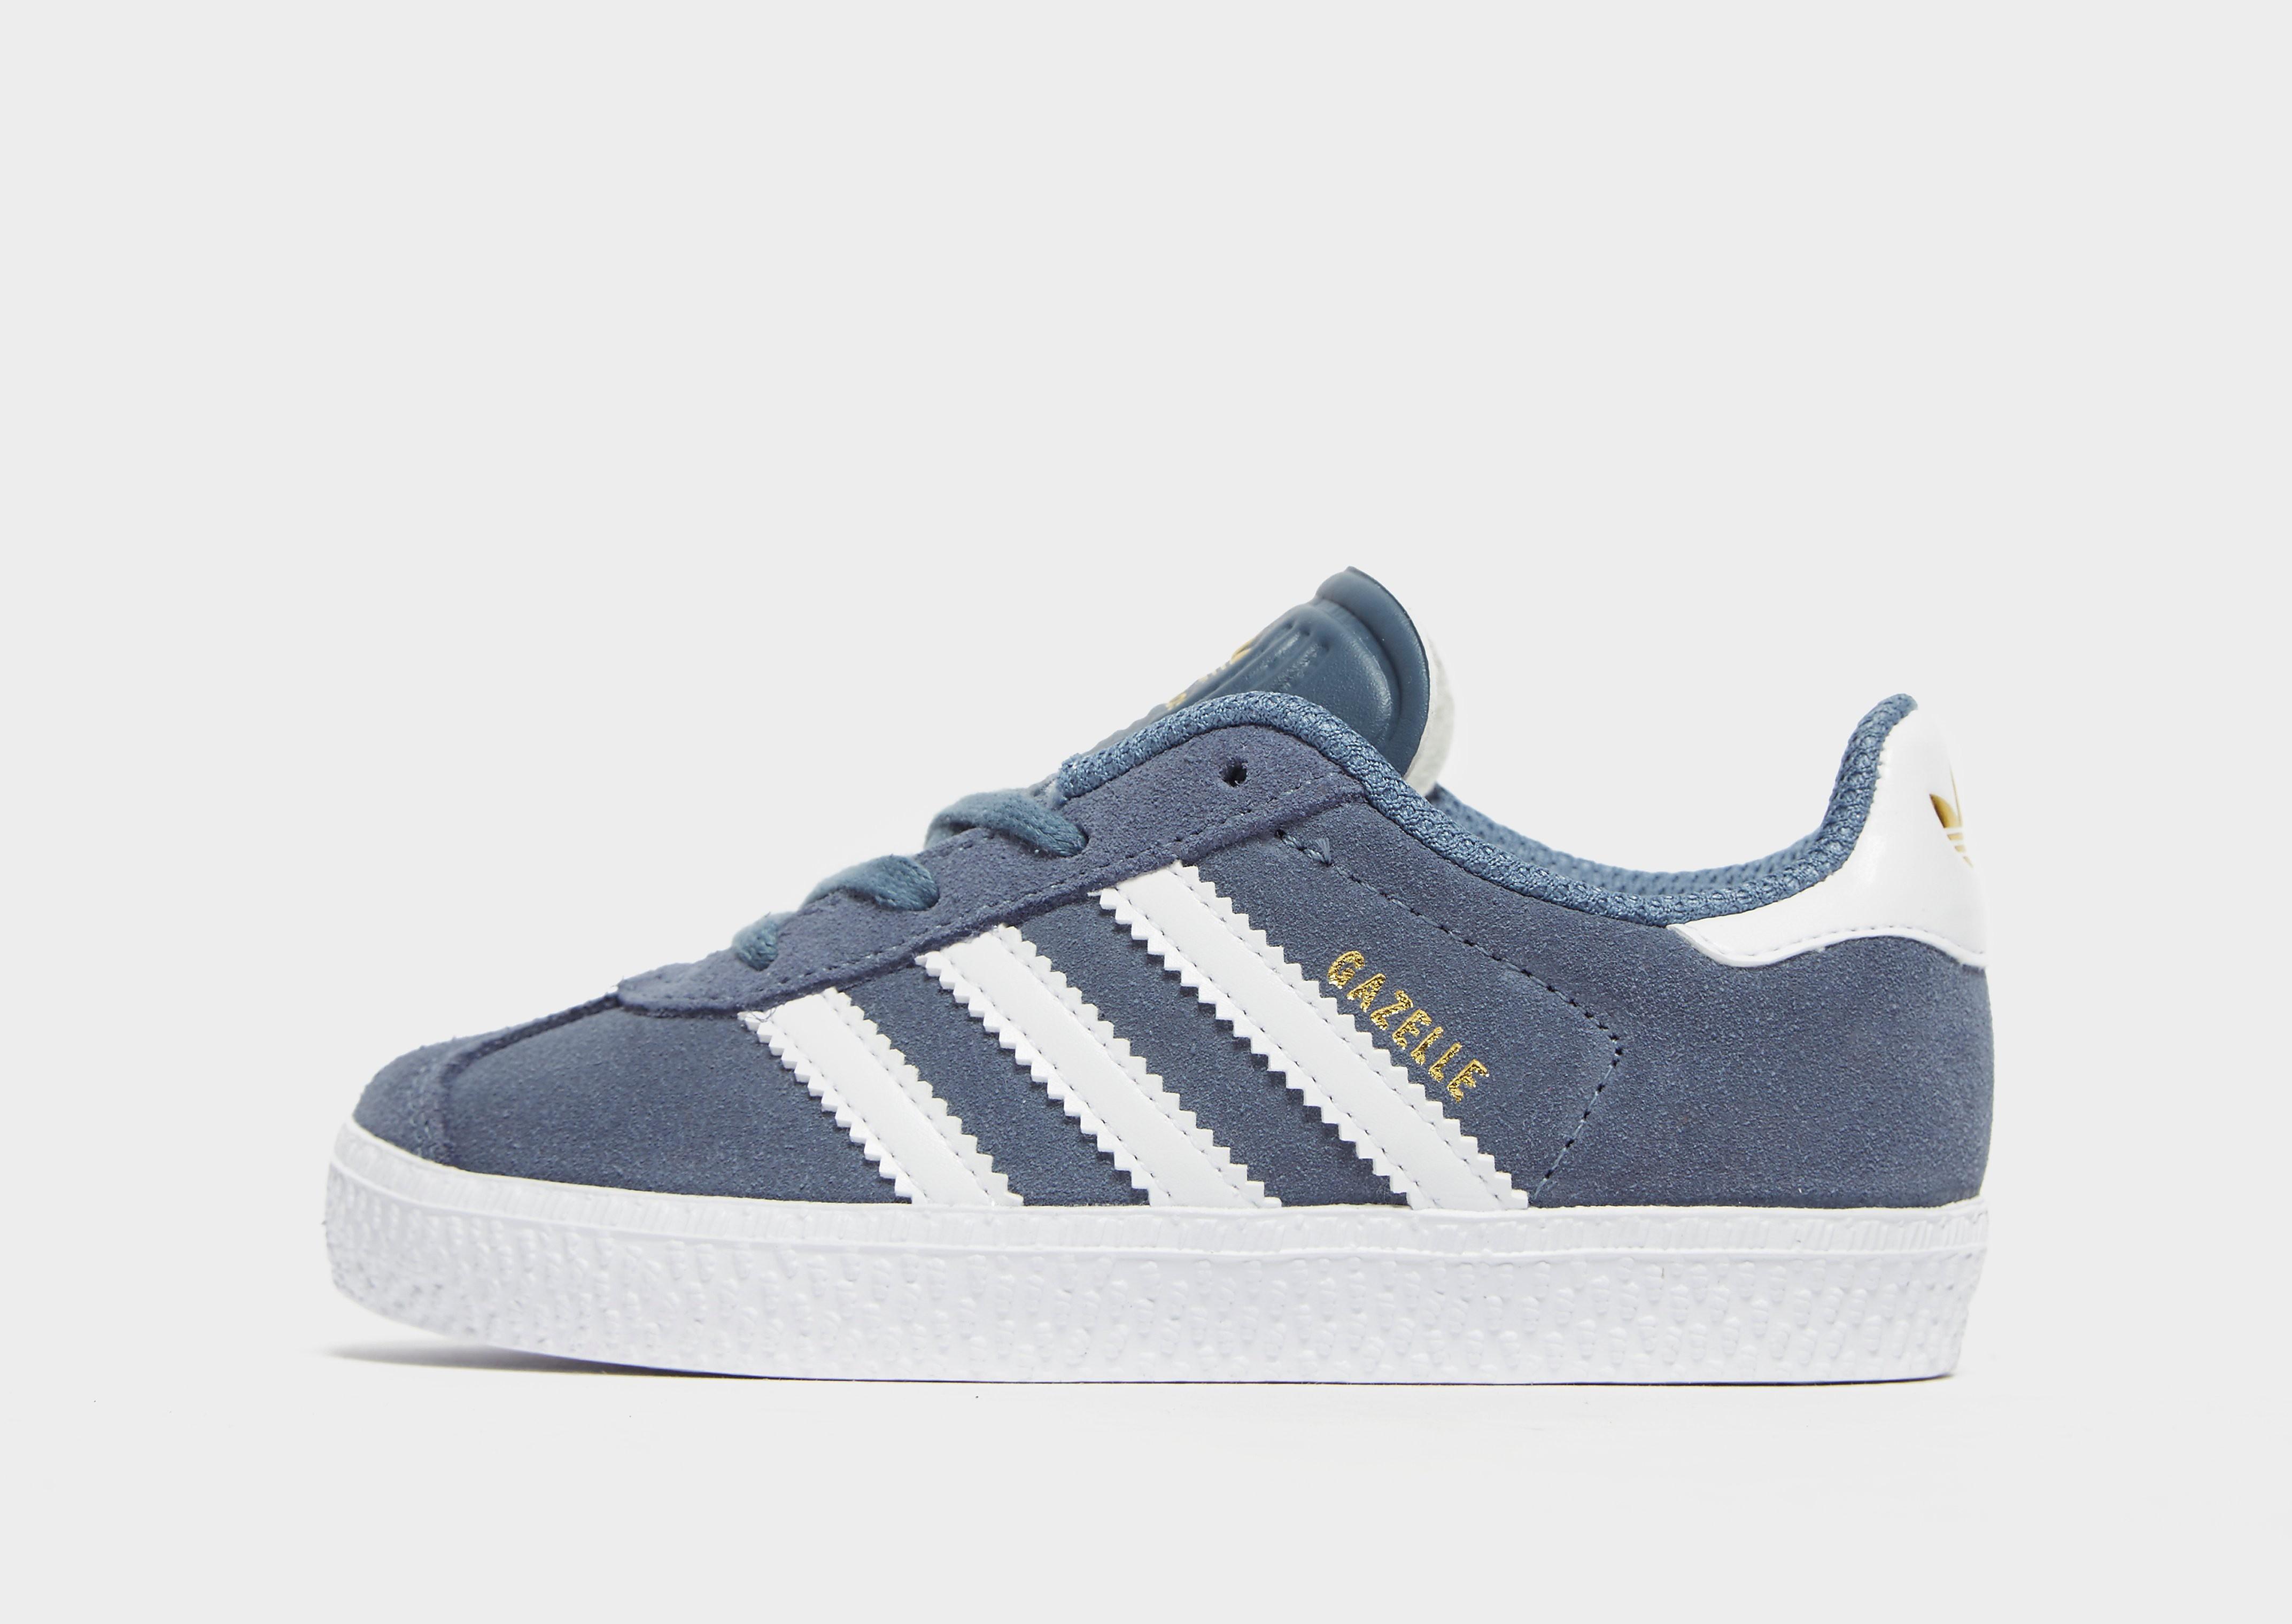 Adidas Gazelle kindersneaker blauw en goud